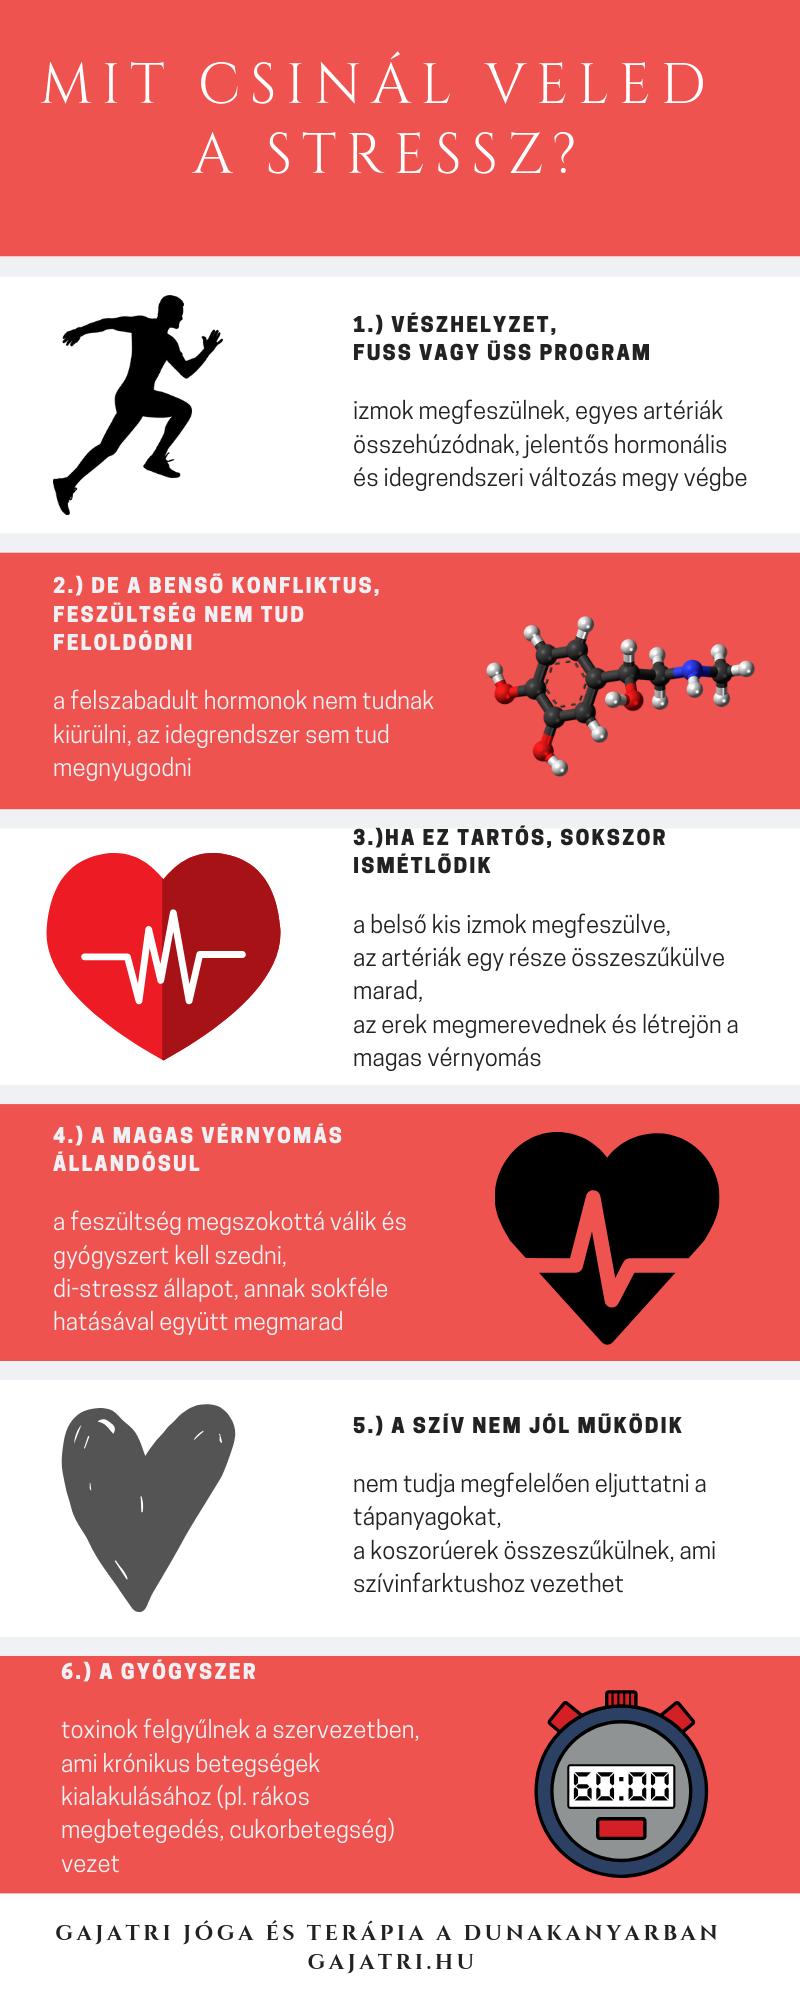 Ayurvédikus a magas vérnyomás ellen hogyan lehet megállapítani, hogy magas vérnyomásban szenved-e